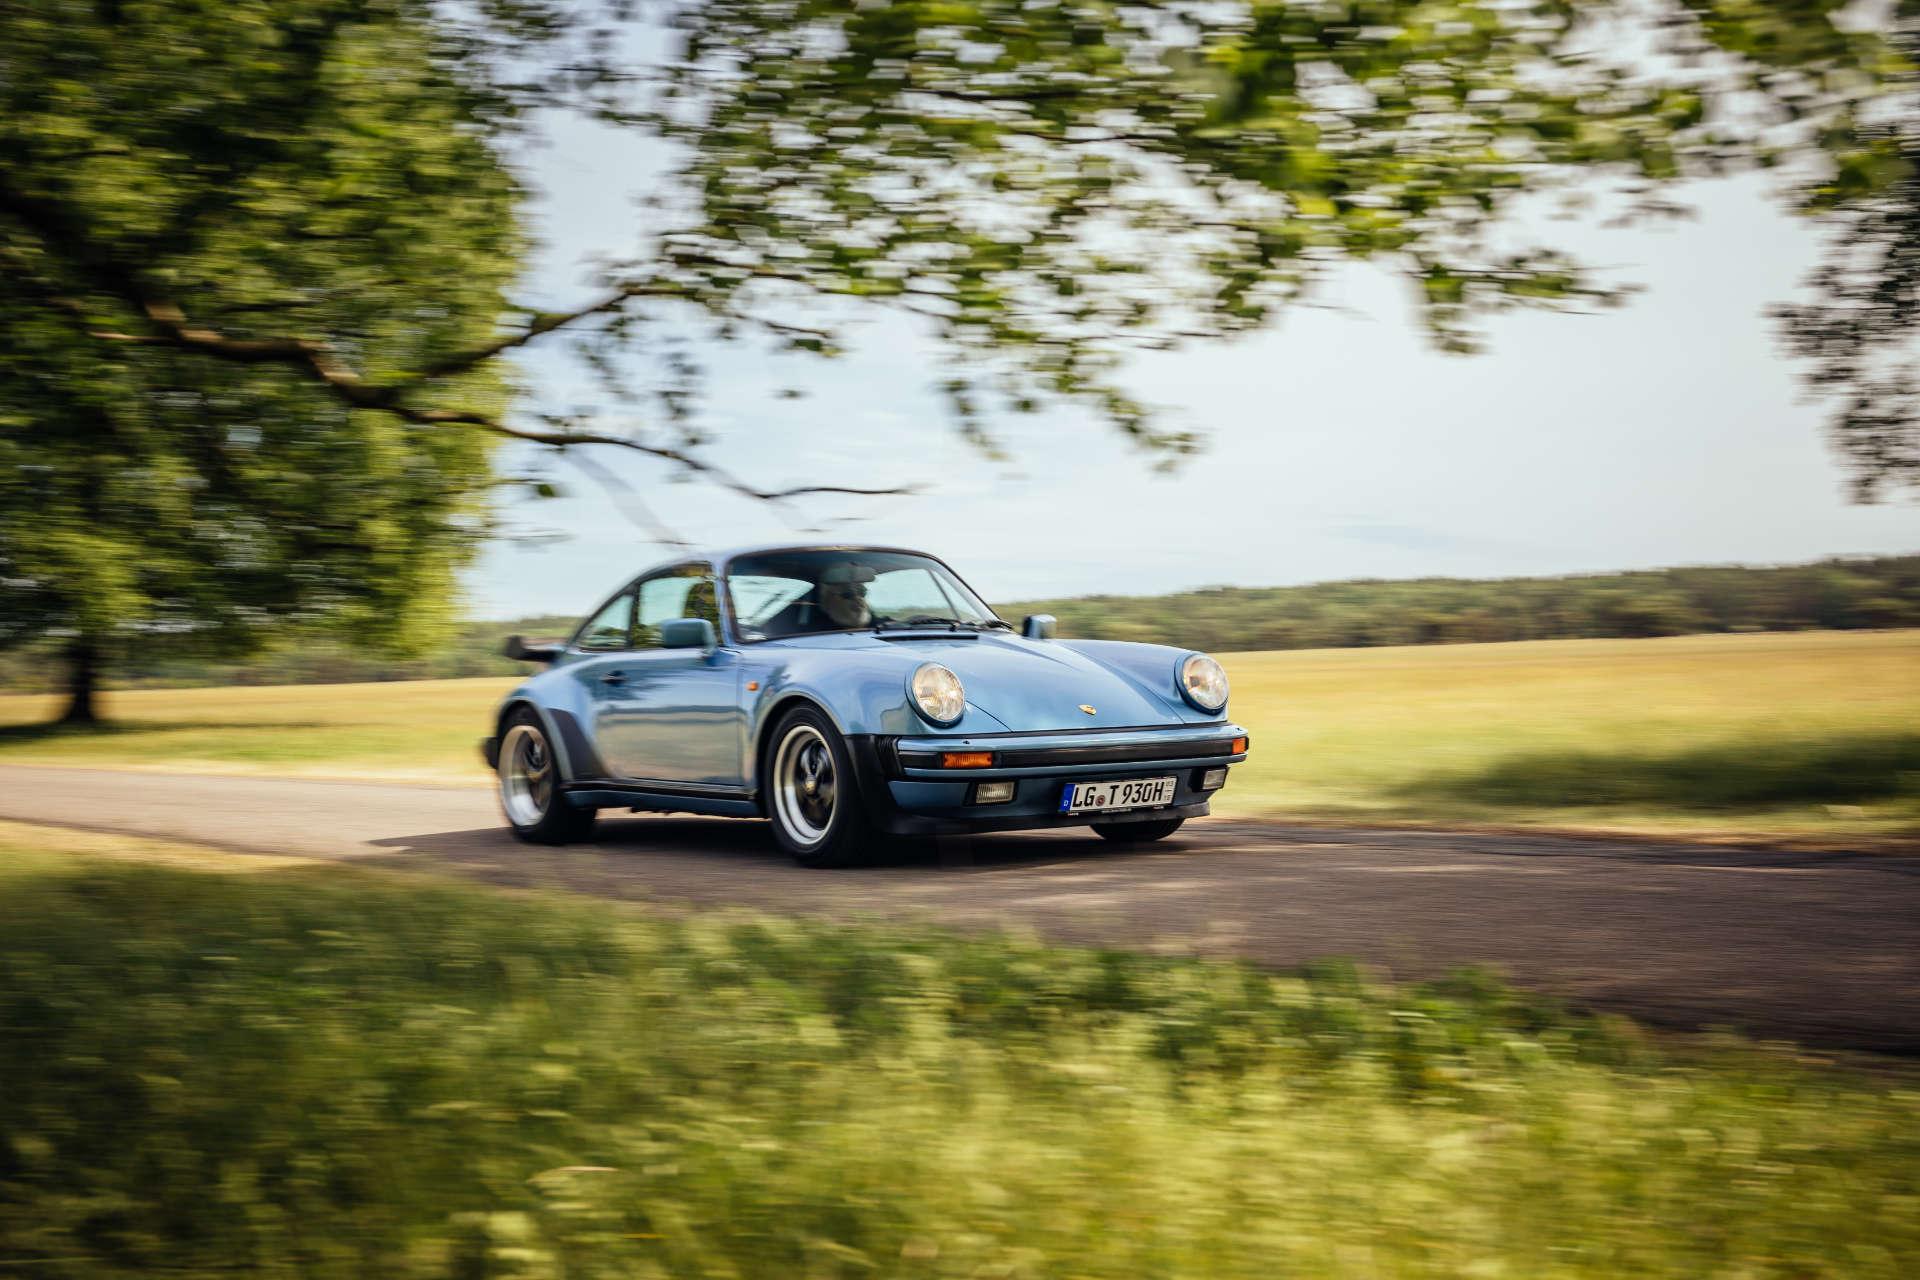 Porsche 911 Turbo 3.3 - Fahraufnahme